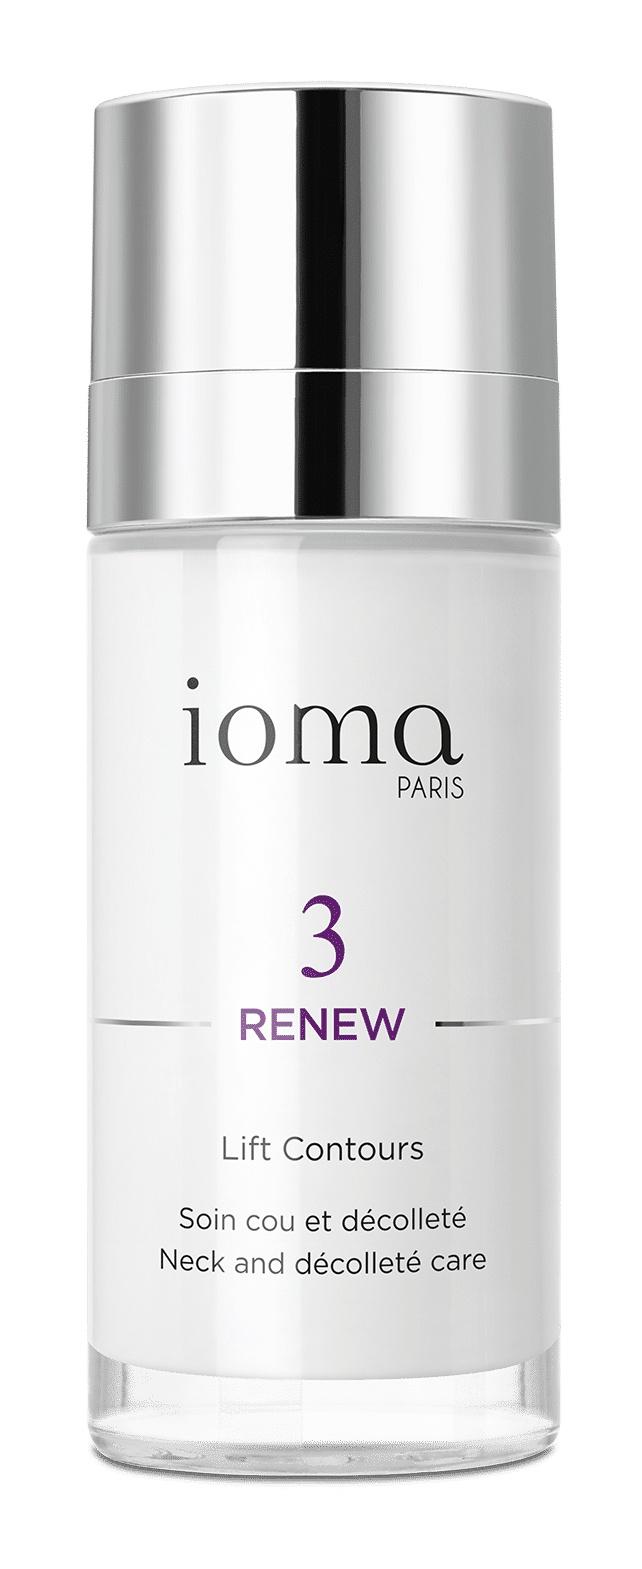 IOMA 3 Renew Lift Contours